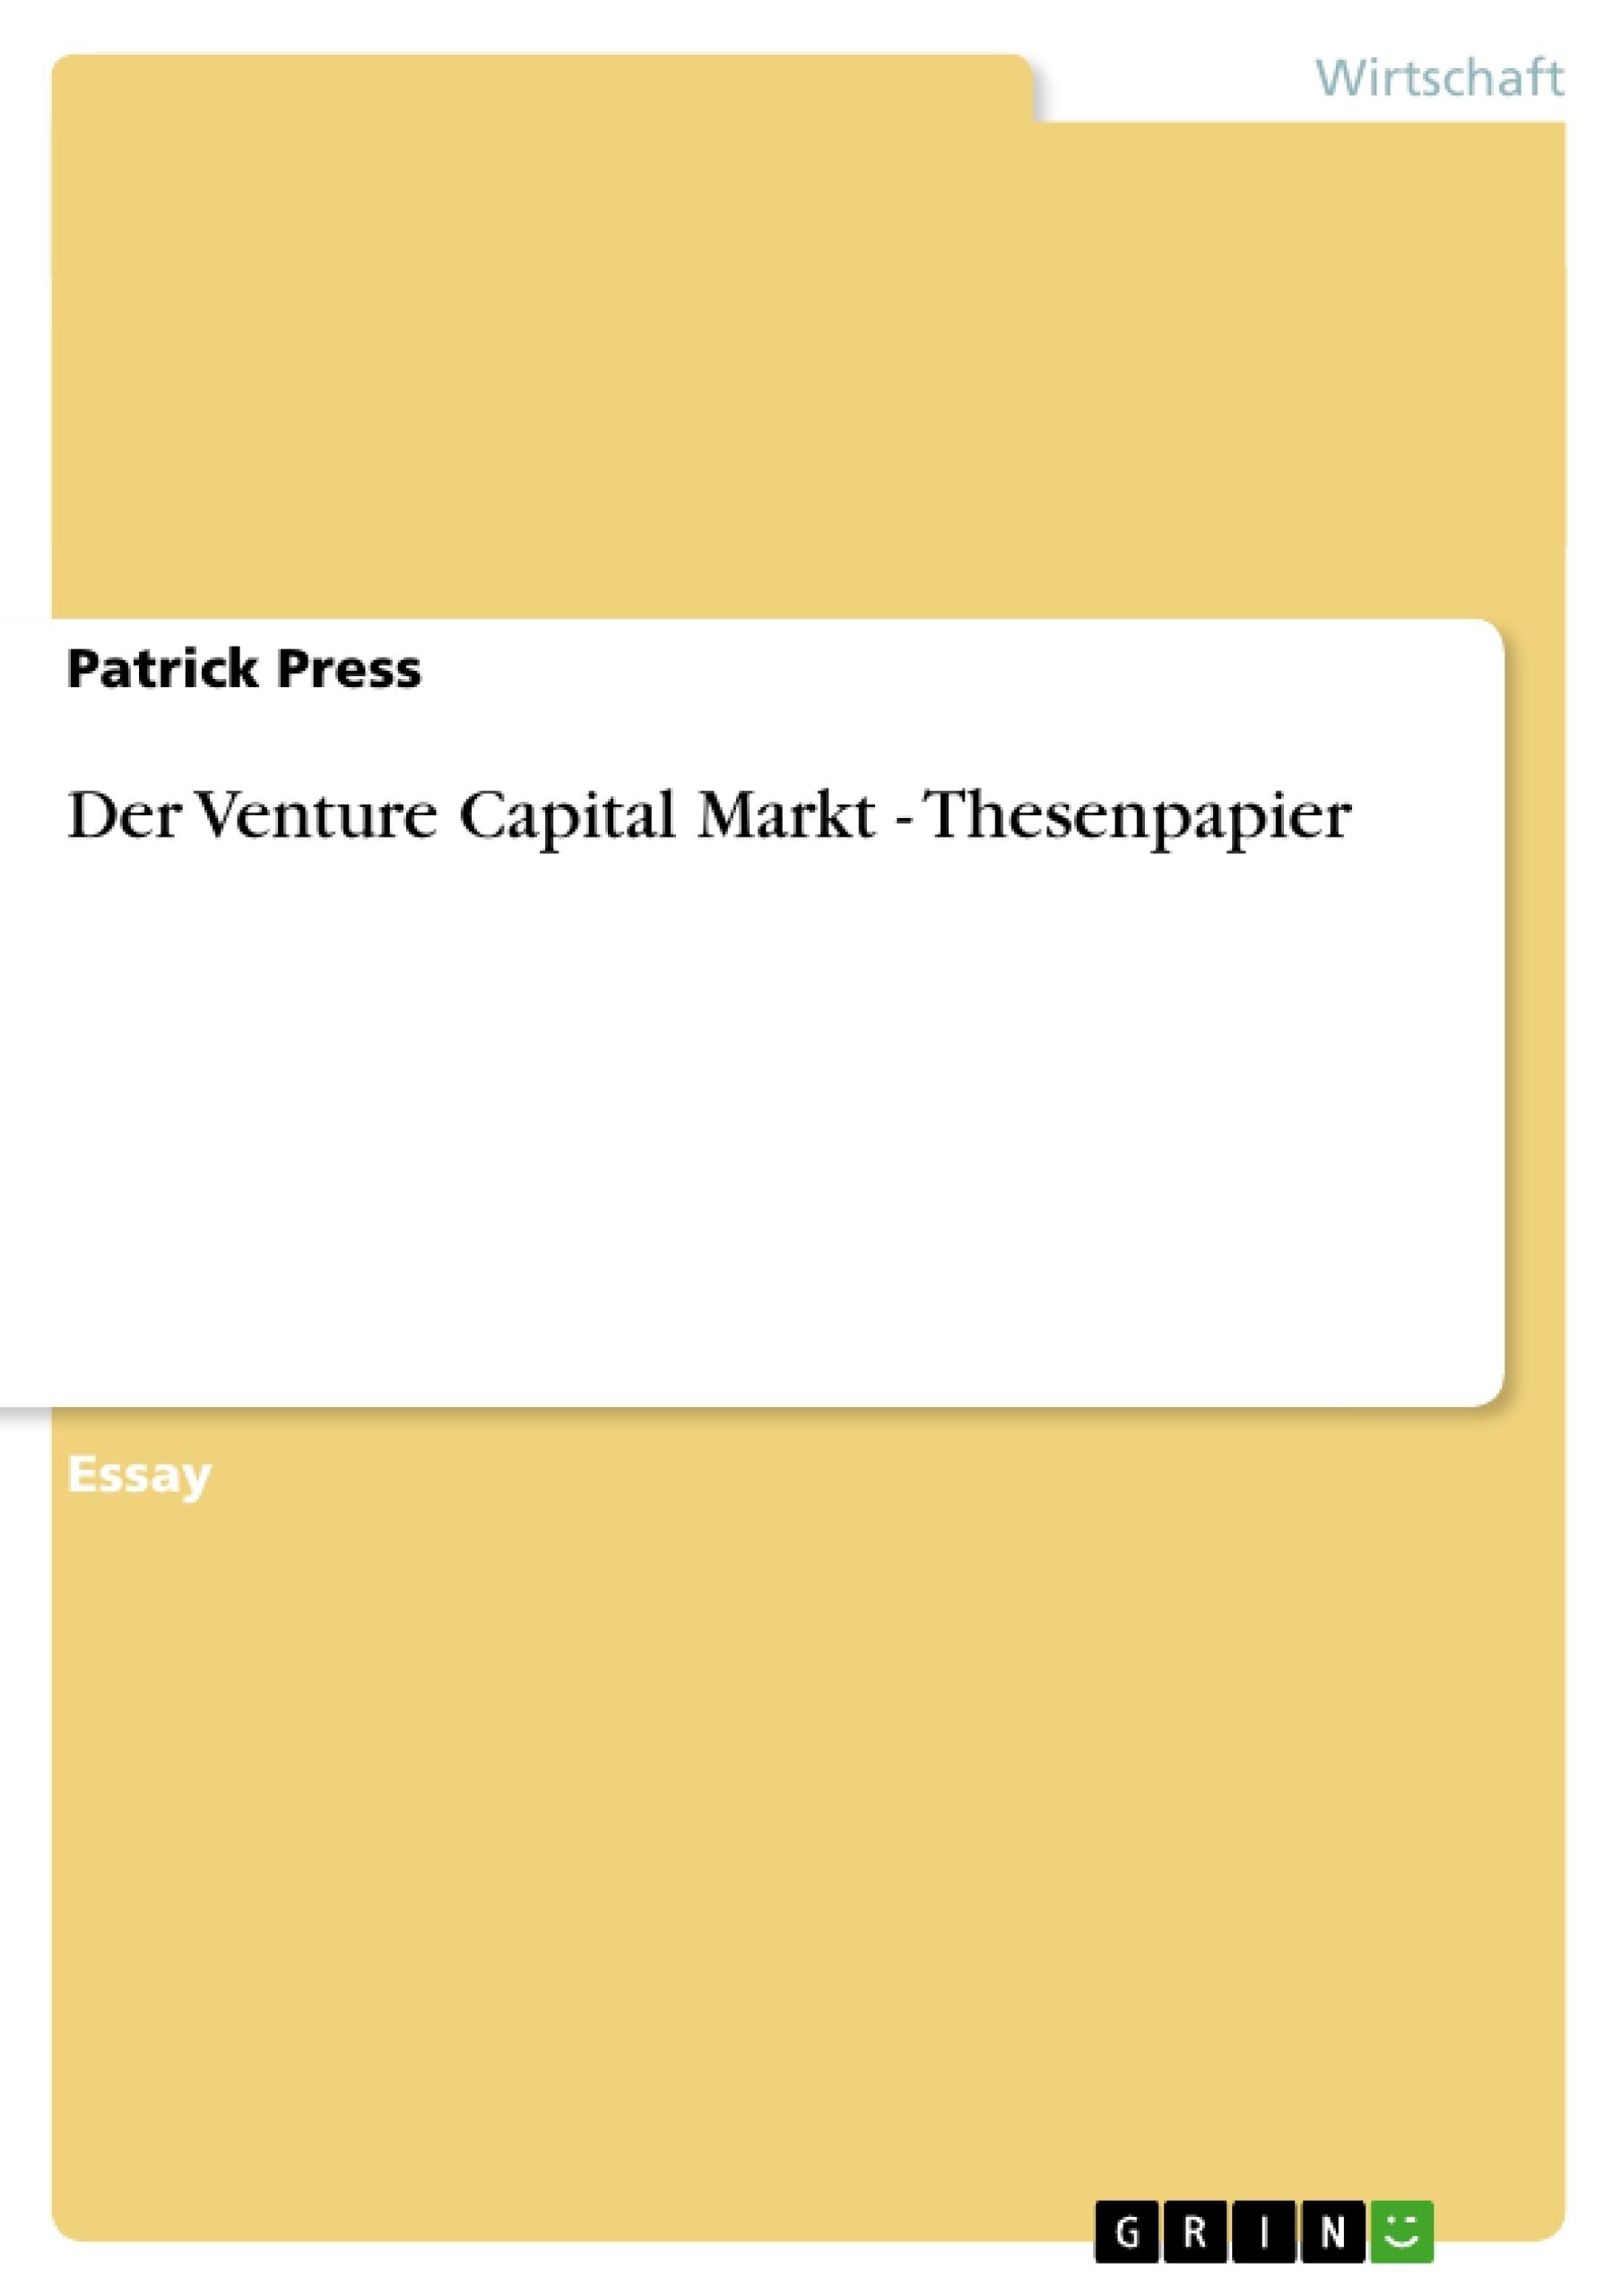 Titel: Der Venture Capital Markt - Thesenpapier